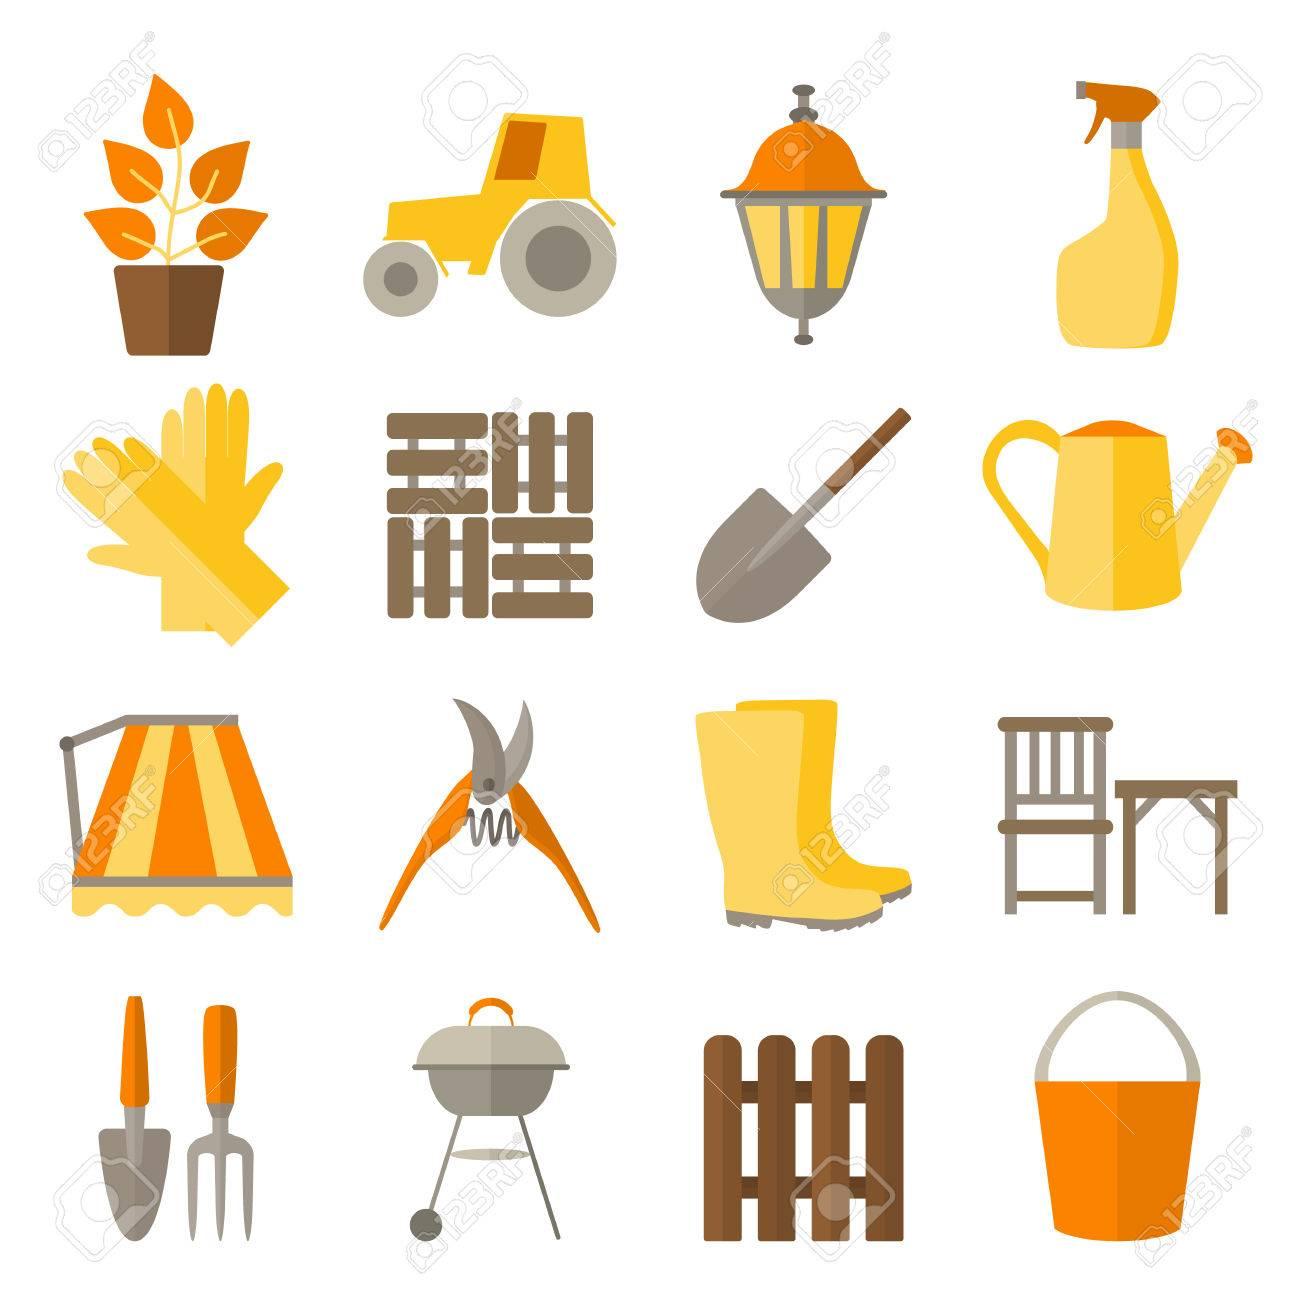 Appartement conception icônes pour le jardinage et l\'entretien des plantes  comprennent des outils et bricolage pour le jardin. Set icônes isolé sur ...